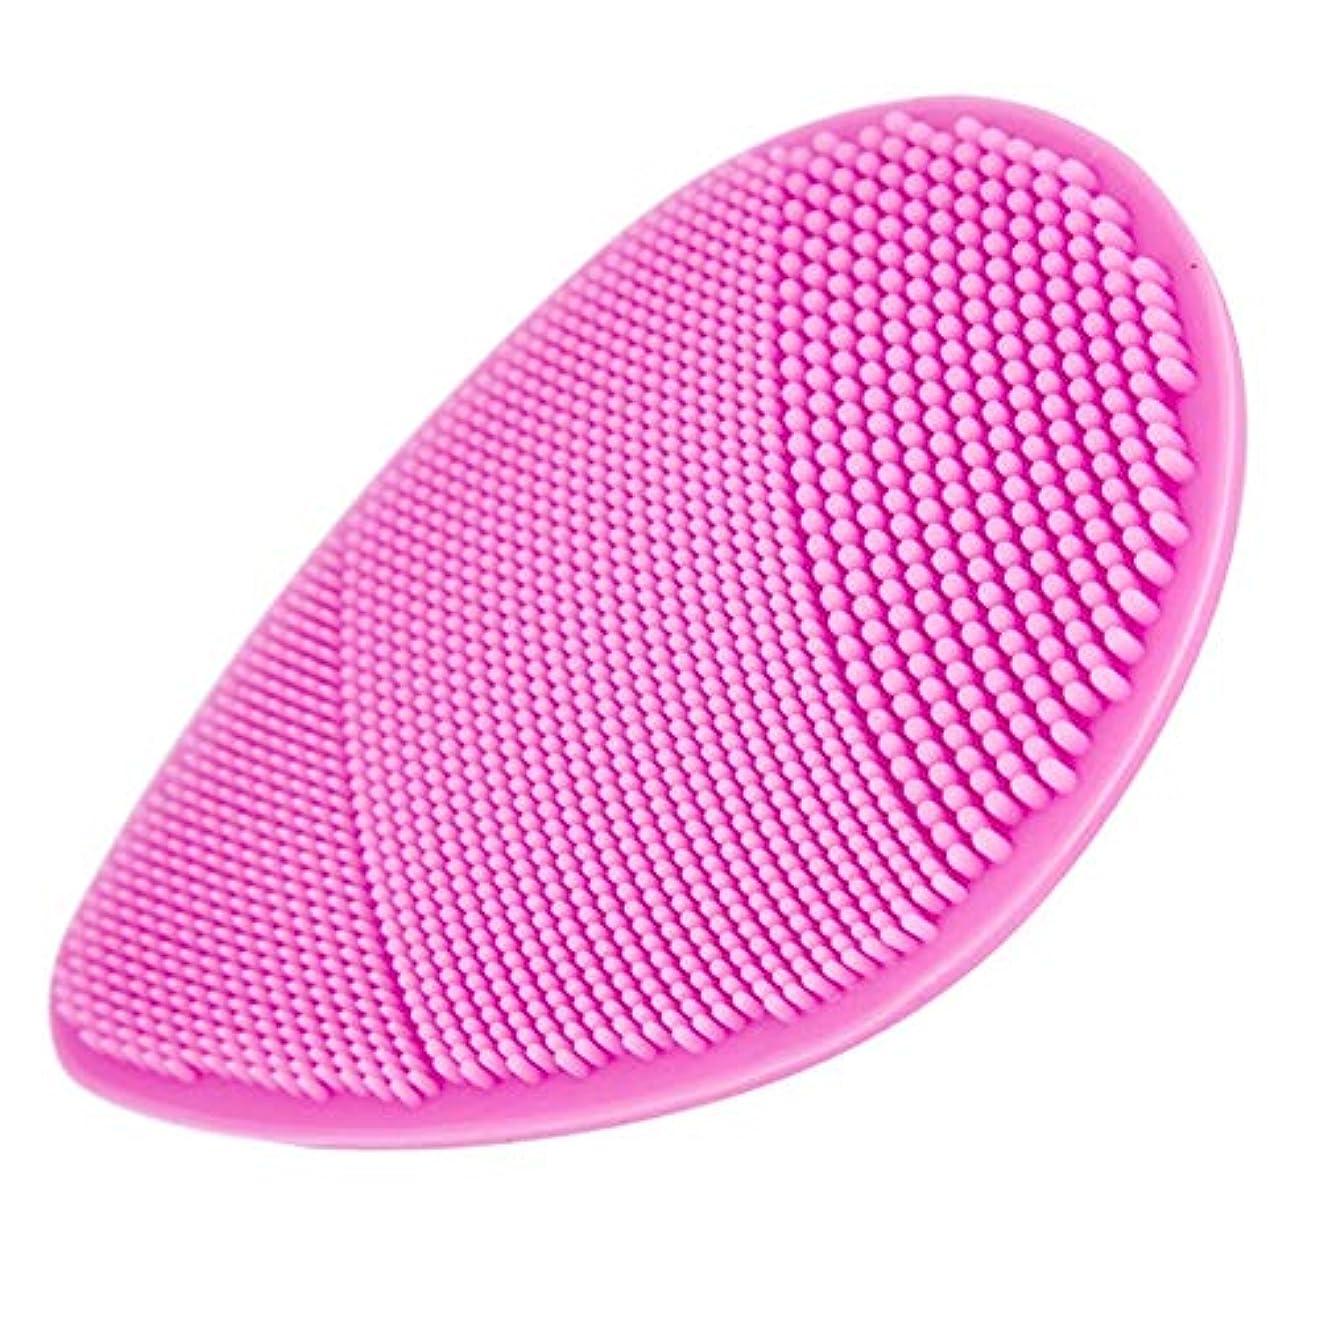 手動シリコーンフェイスクリーニングブラシ、ソフトブラシフェイスウォッシュ、黒ずみを減らすための毛穴クレンジング剥離